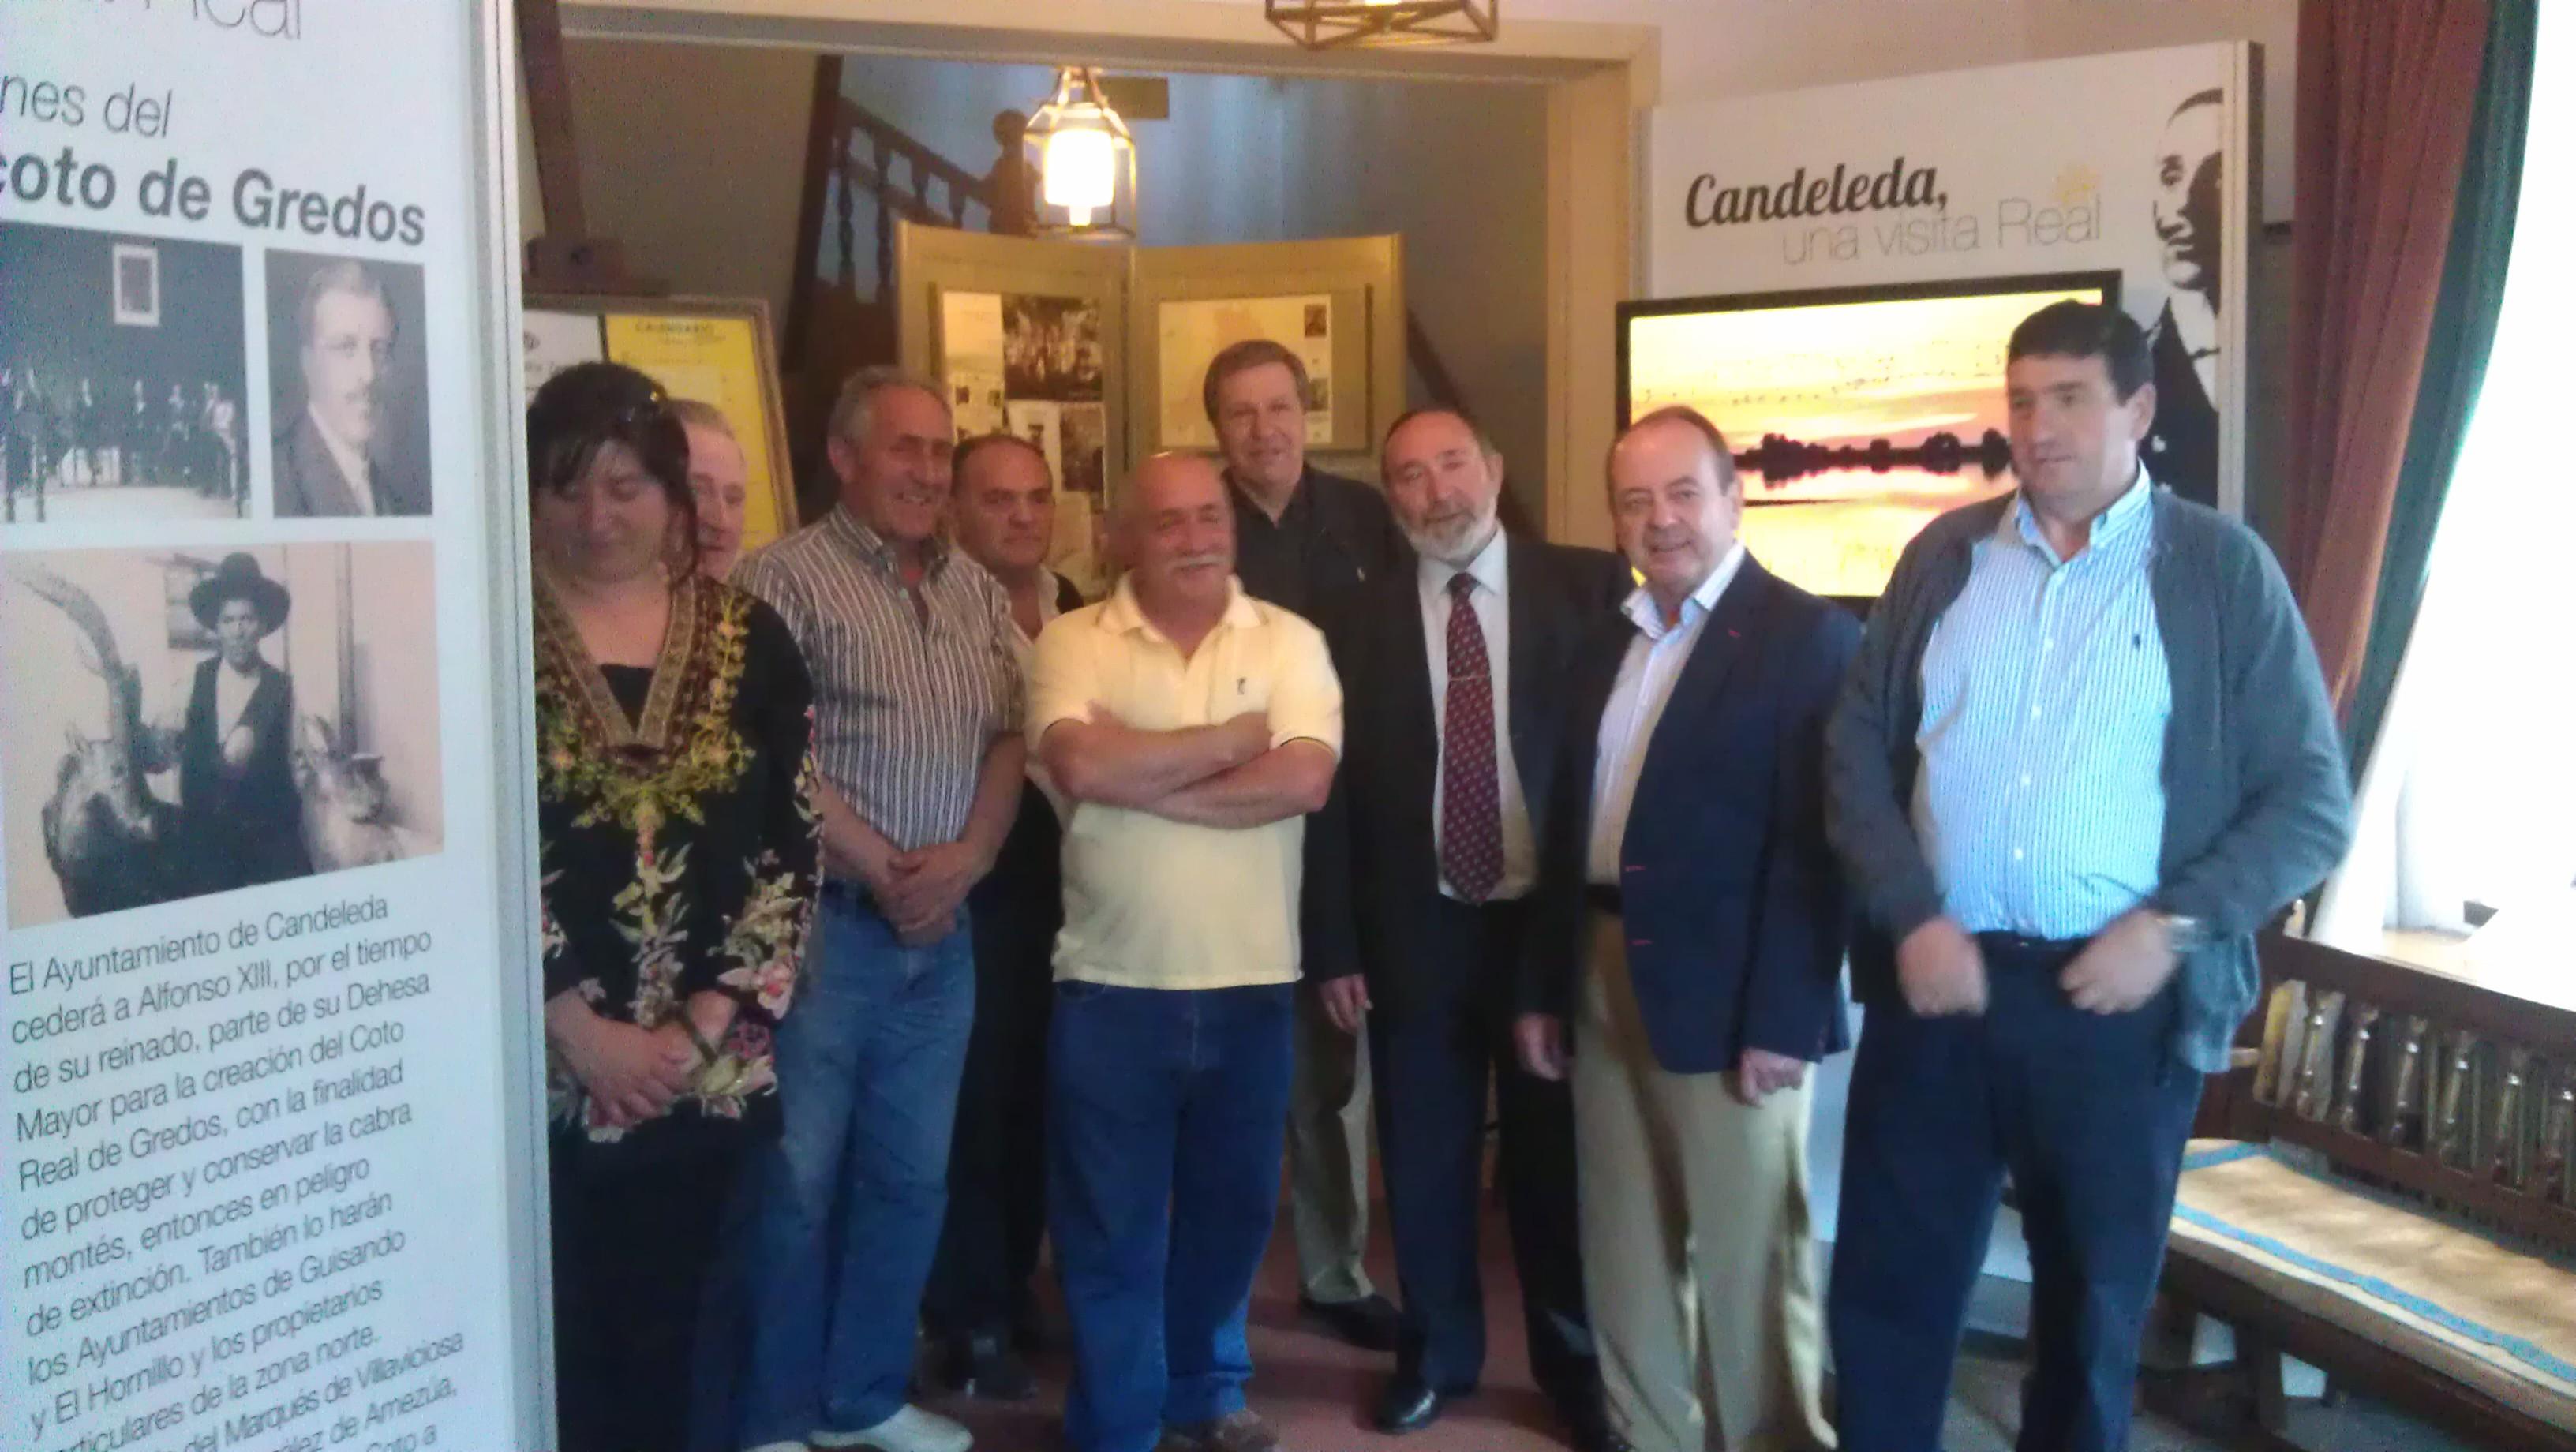 """Inauguración de la Exposición """"Candeleda, una visita Real"""" en el Parador de Gredos"""